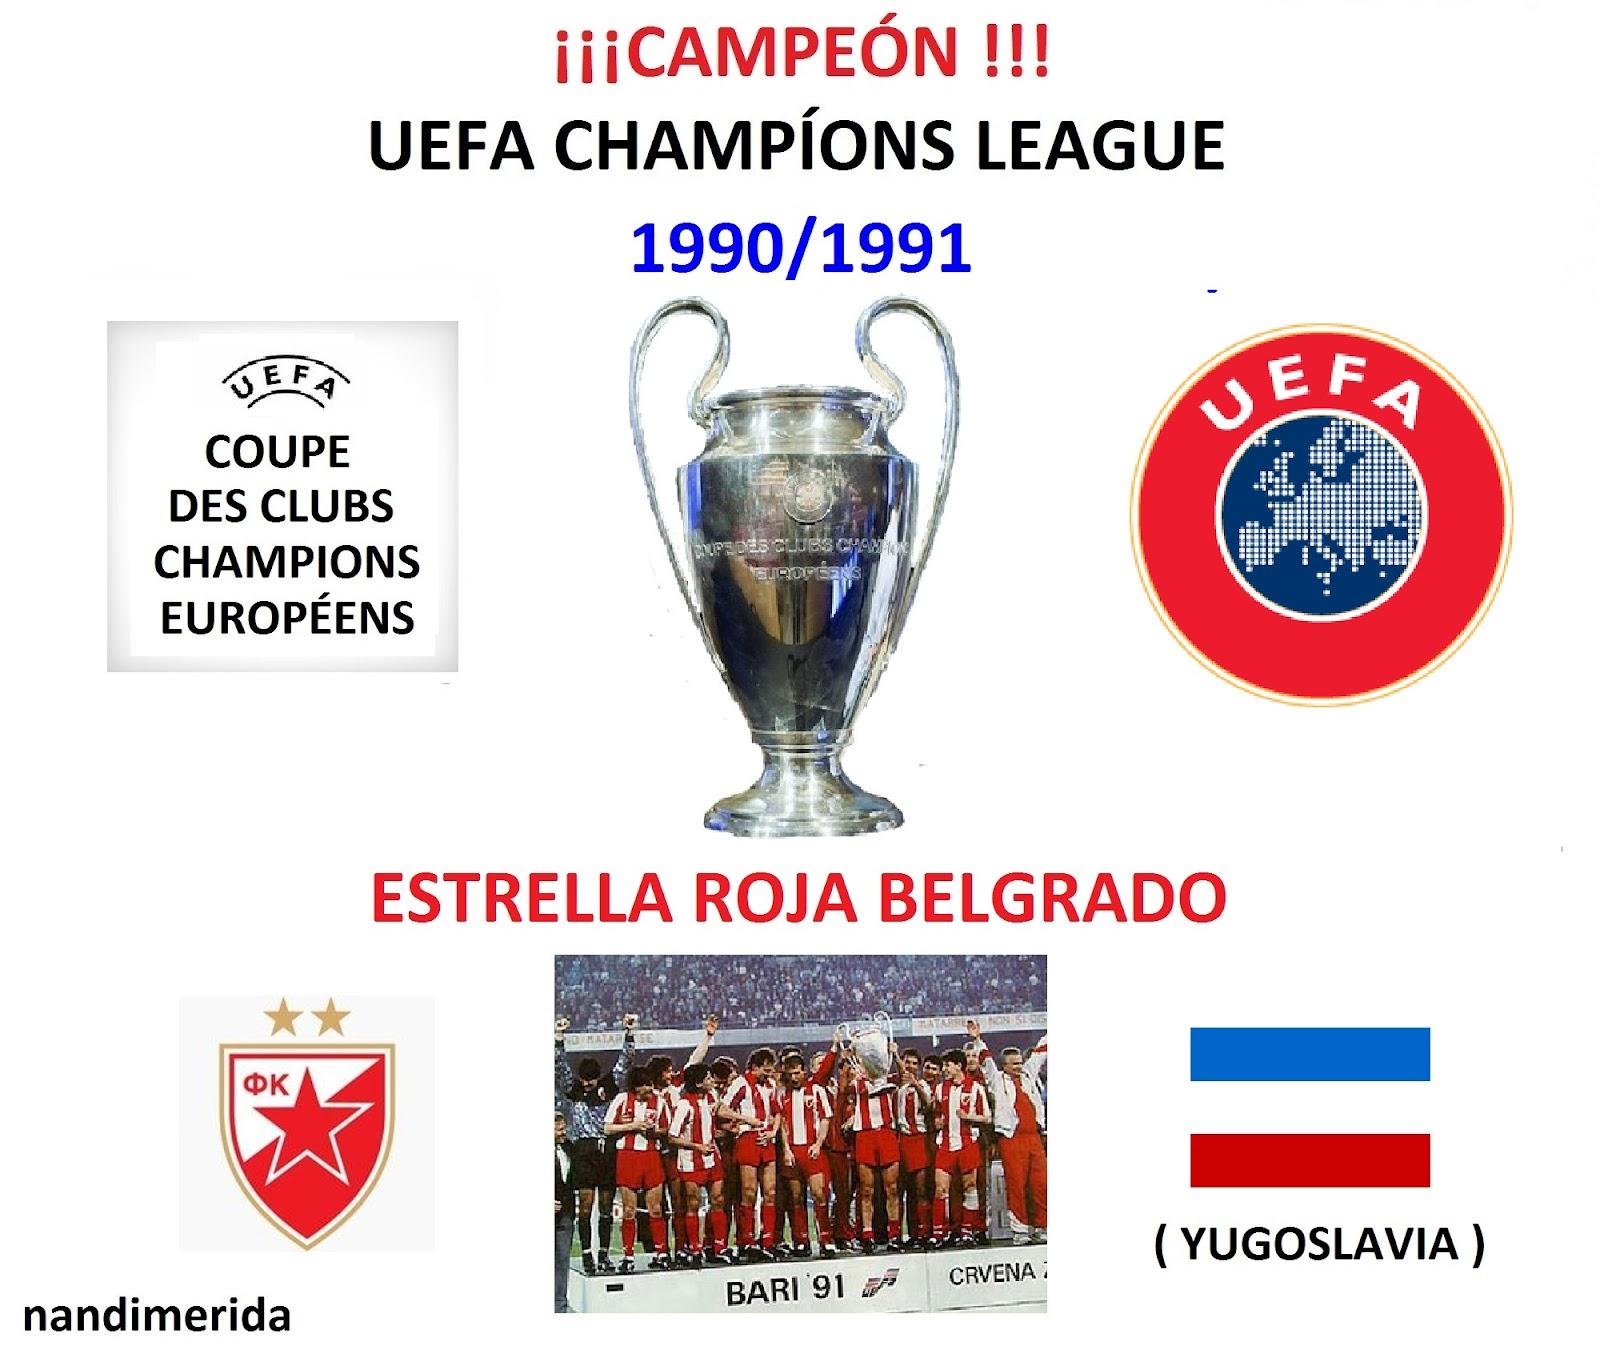 Todocampeones Todofutbol Todo Futbol Campeones Uefa Champions League 1955 2011 Winnaar